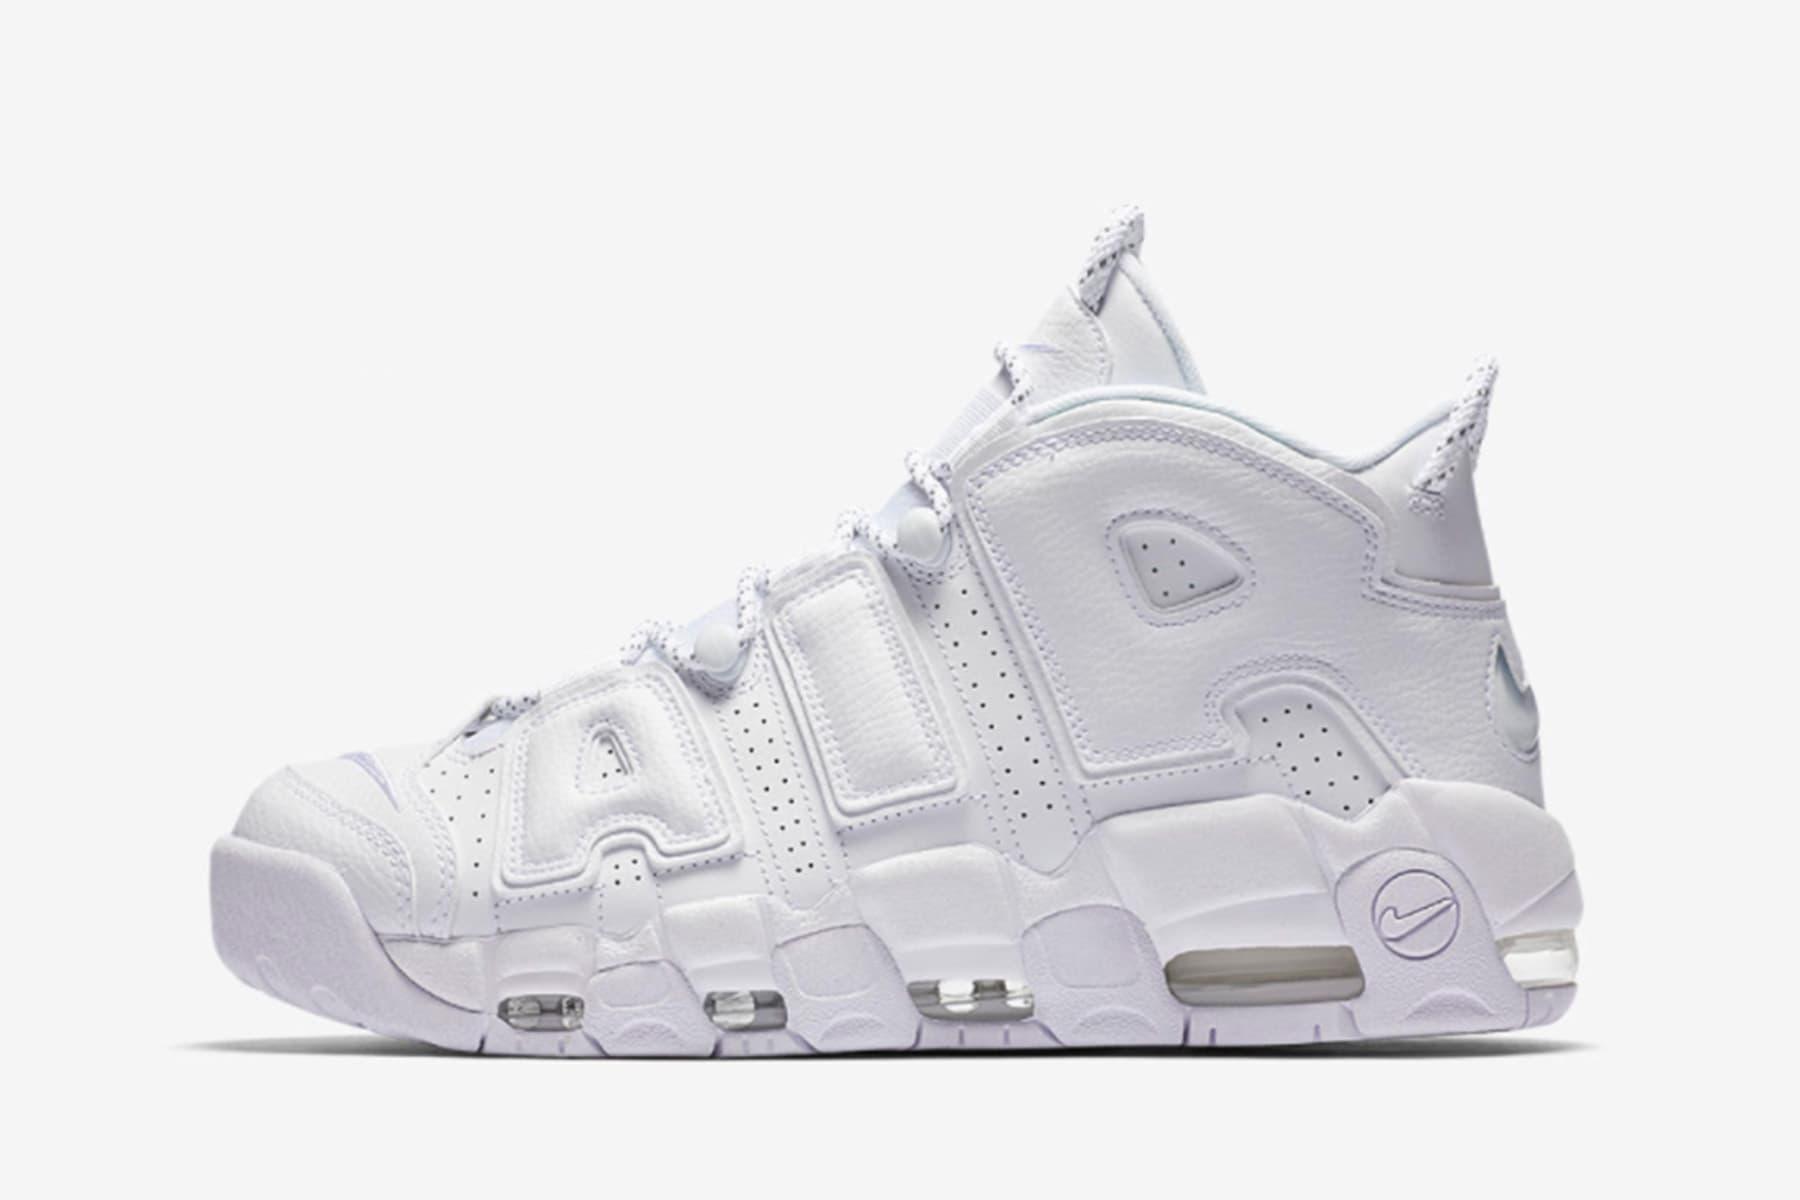 Nike よりオールホワイトの Uptempo フットウェア計3型が登場